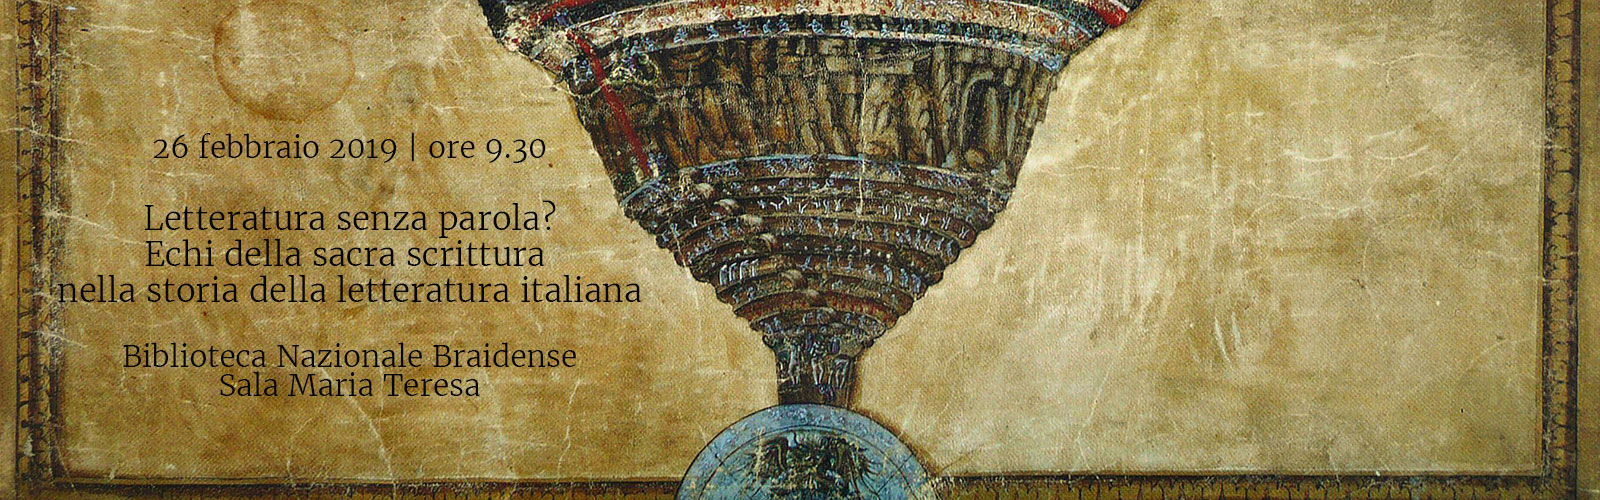 Letteratura senza parola? Echi della sacra scrittura nella storia della letteratura italiana